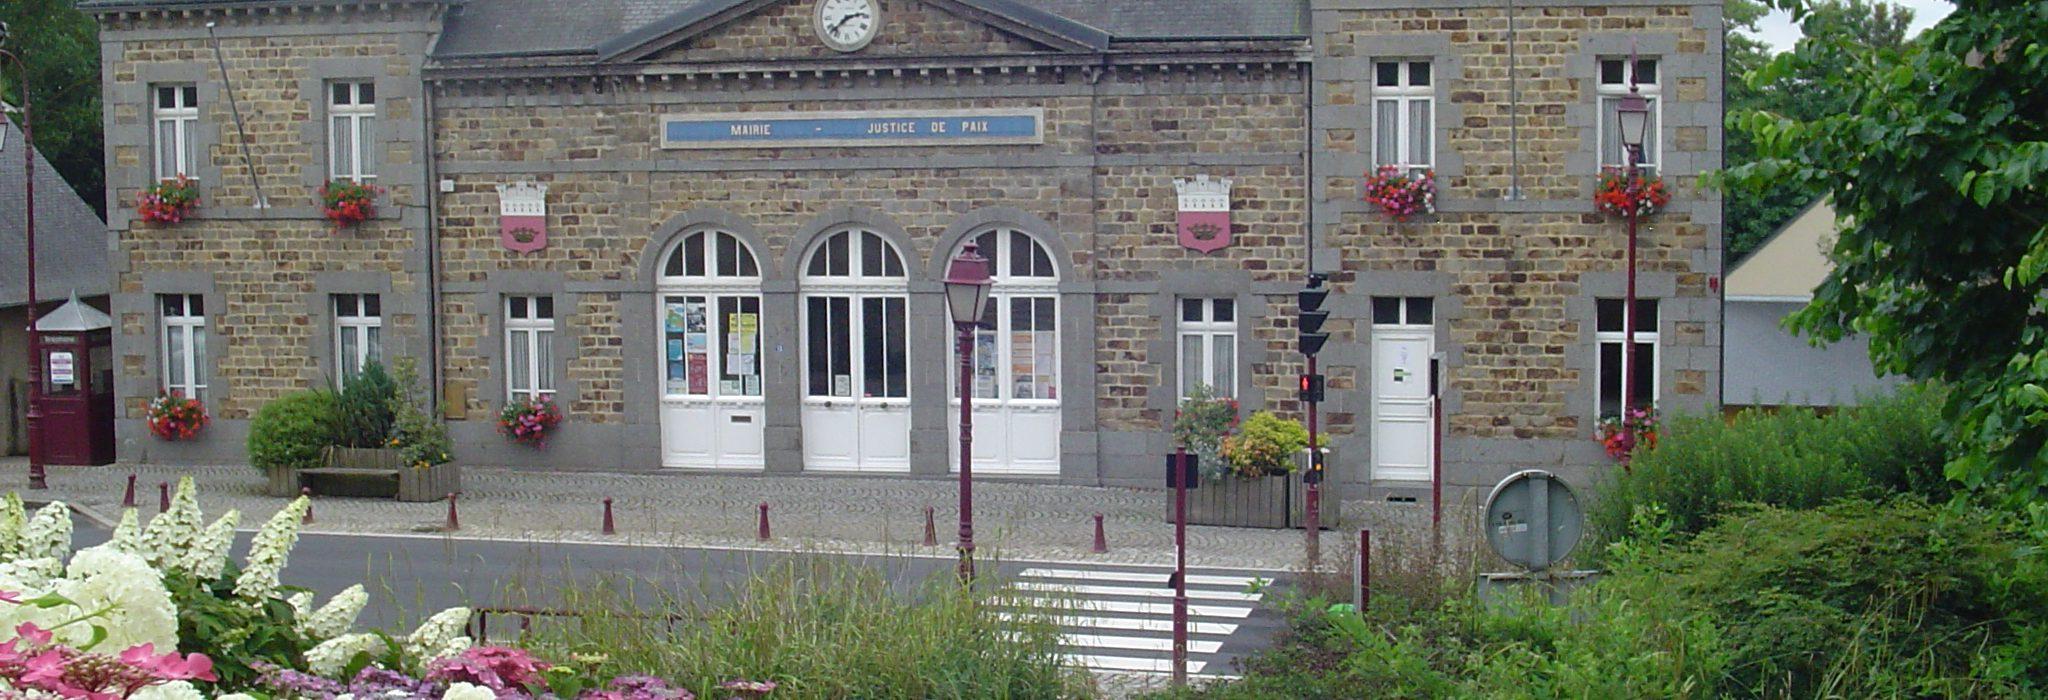 Mairie_Chateauneuf_d_ille_et_vilaine_Saint_Malo_00017027